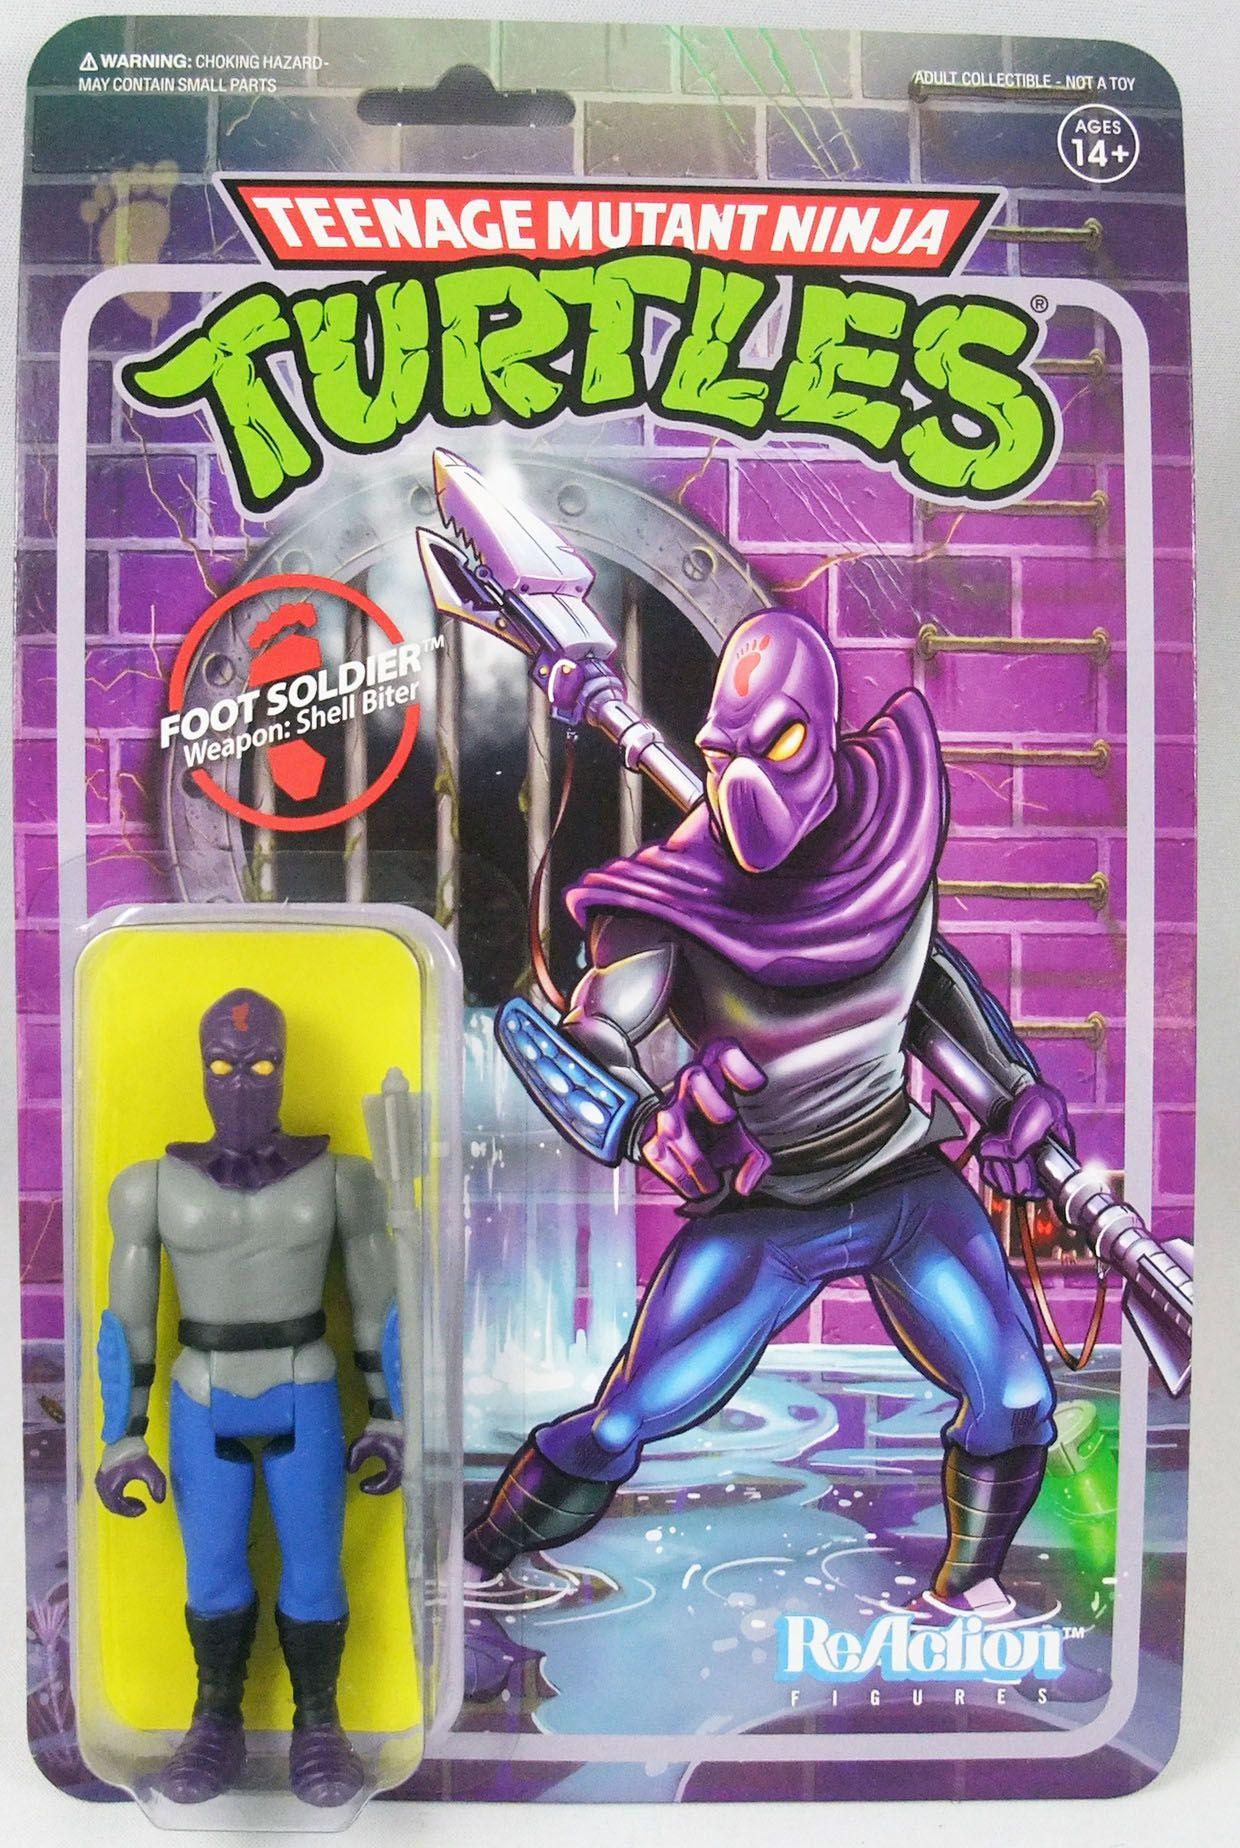 TMNT Tortues Ninja - Super7 ReAction Figures - Foot Soldier